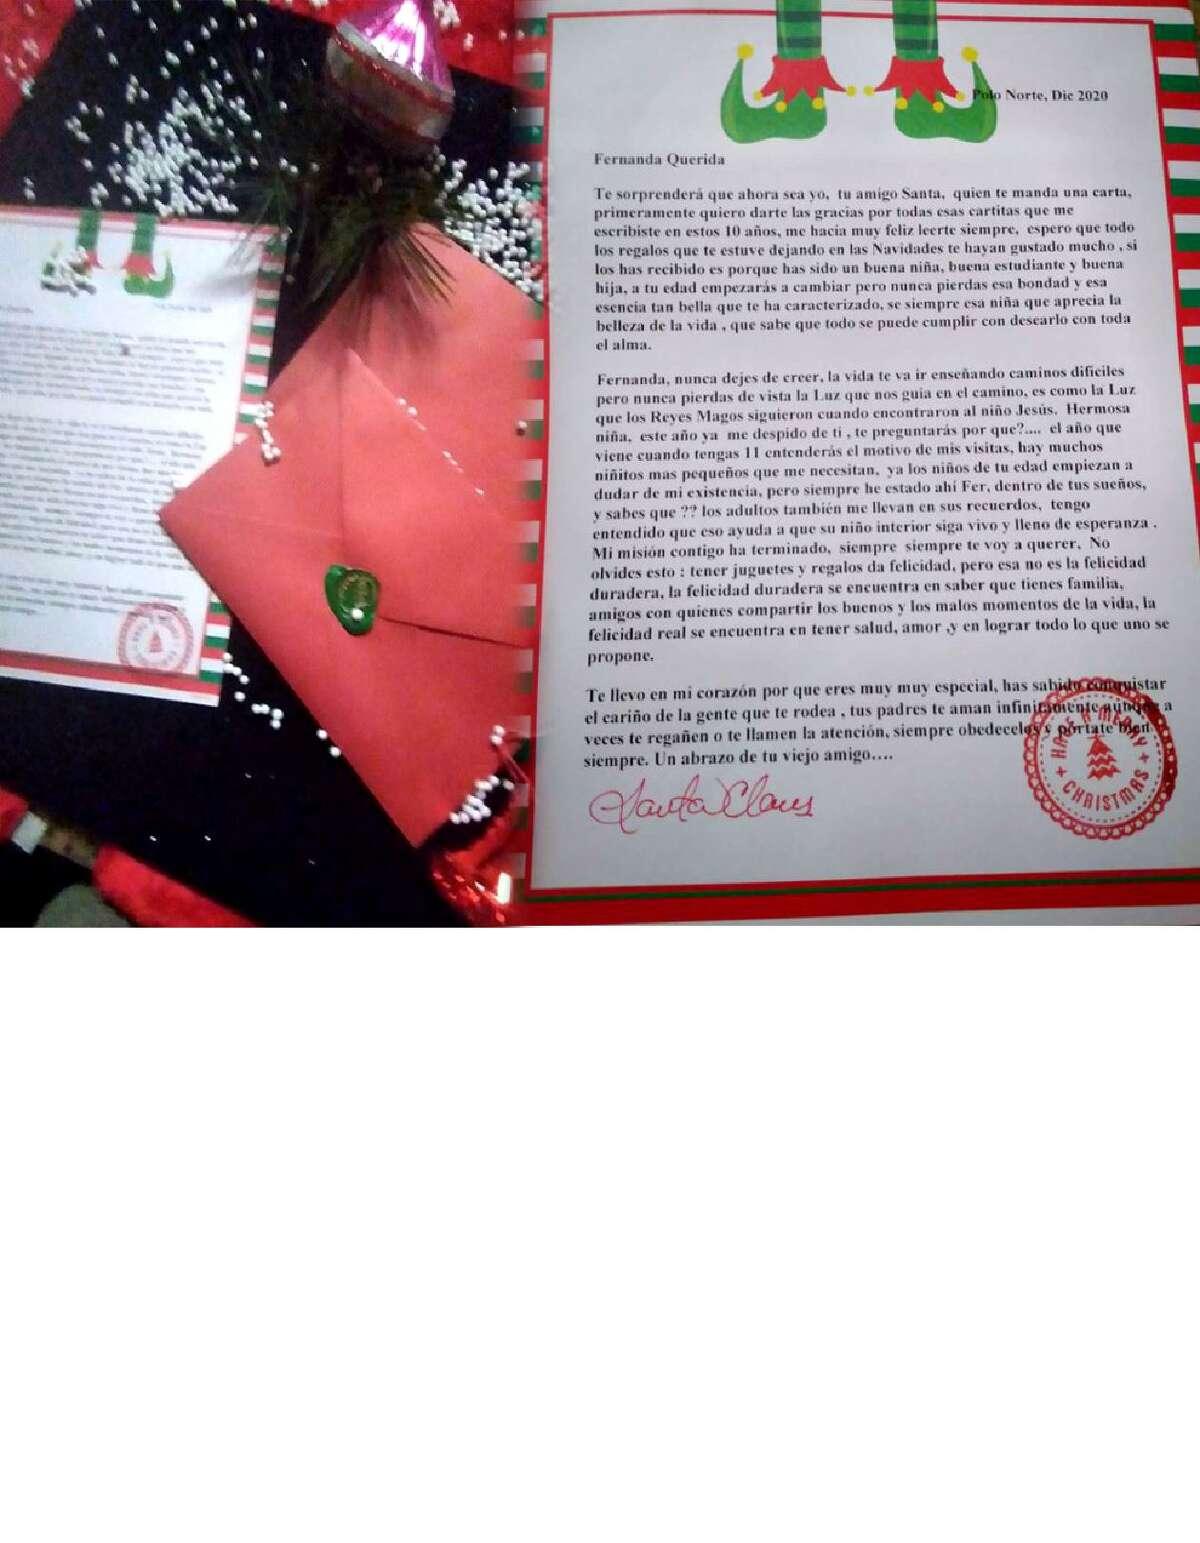 Una carta escrita hace 11 años, donde Santa Claus se despide de una pequeña, ha dado lugar a la creación del Proyecto Fernanda, una iniciativa que busca recolectar fondos para ayudar en causas nobles durante la Navidad.